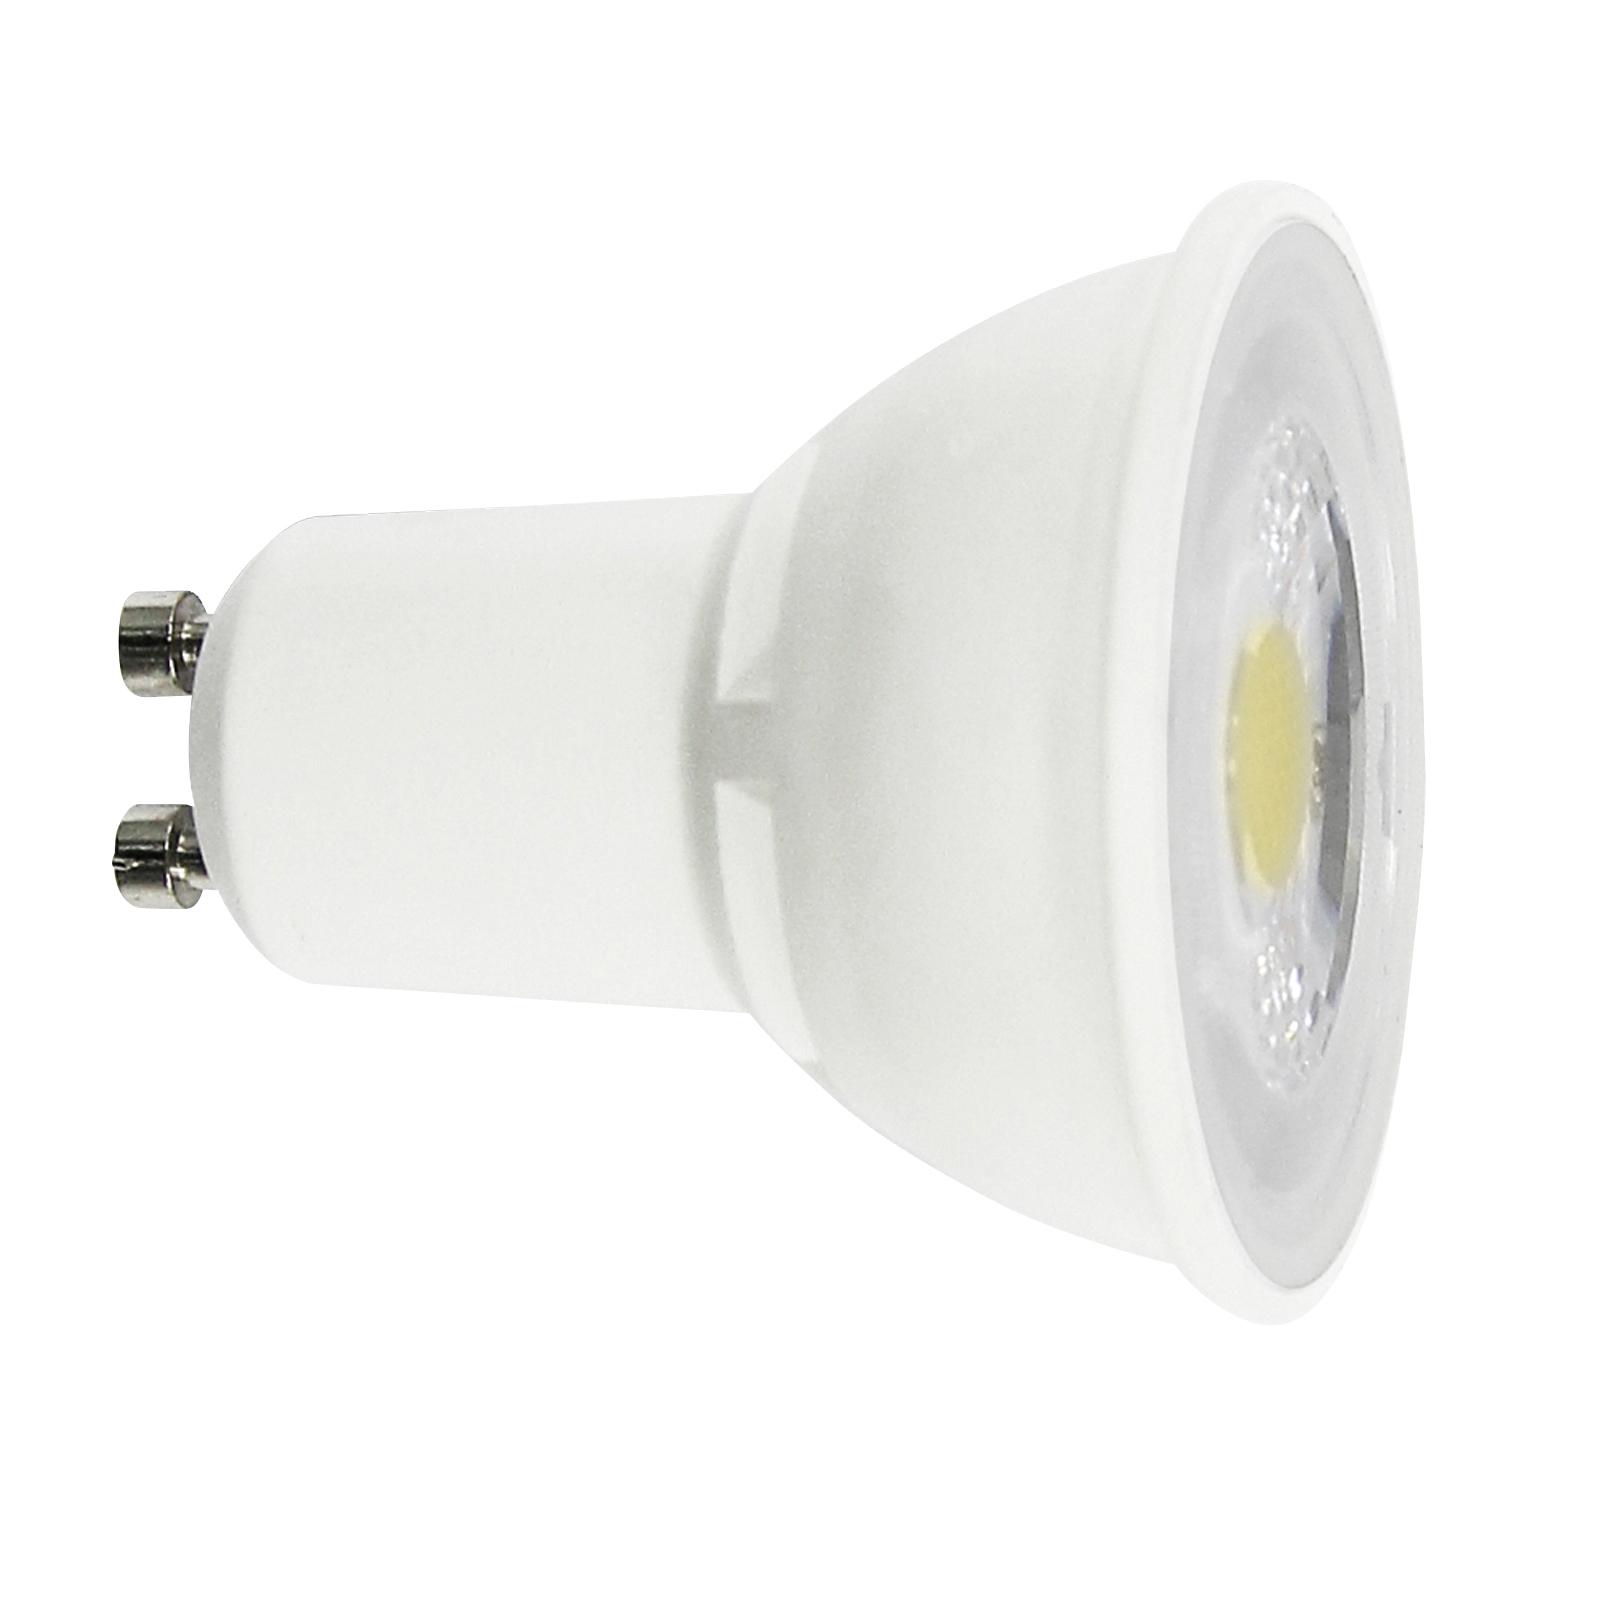 Reflektor LED GU10 6,5W 3000K 500 lm, ściemniana